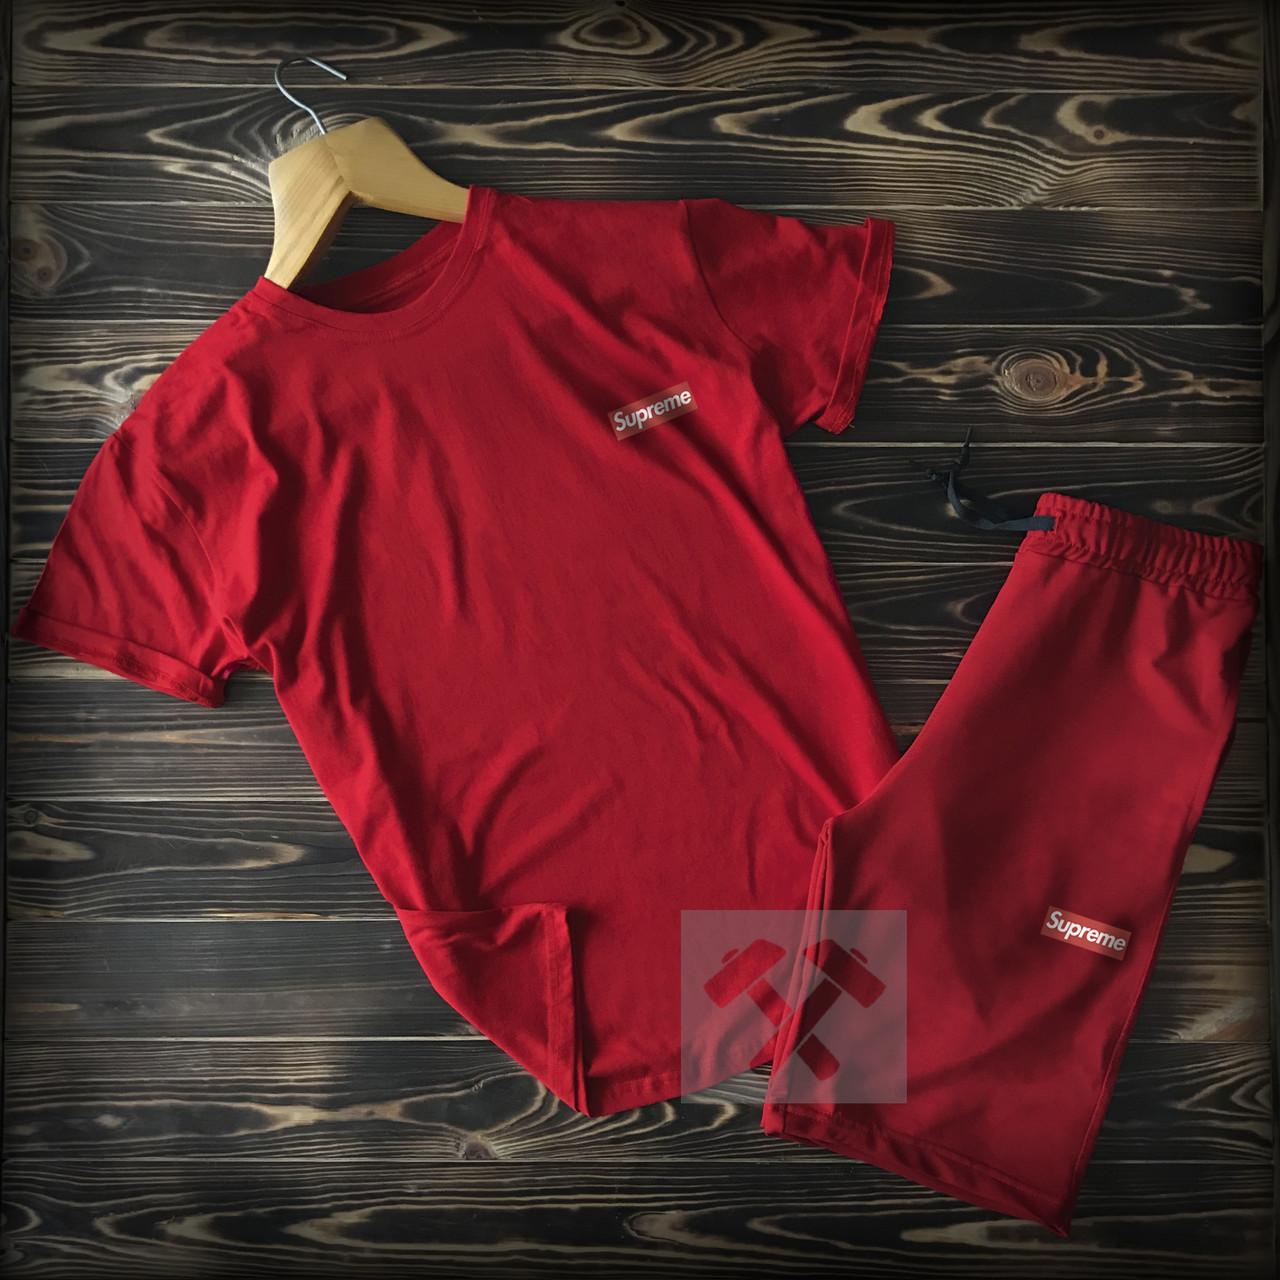 Летний мужской спортивный котсюм Суприм красного цвета